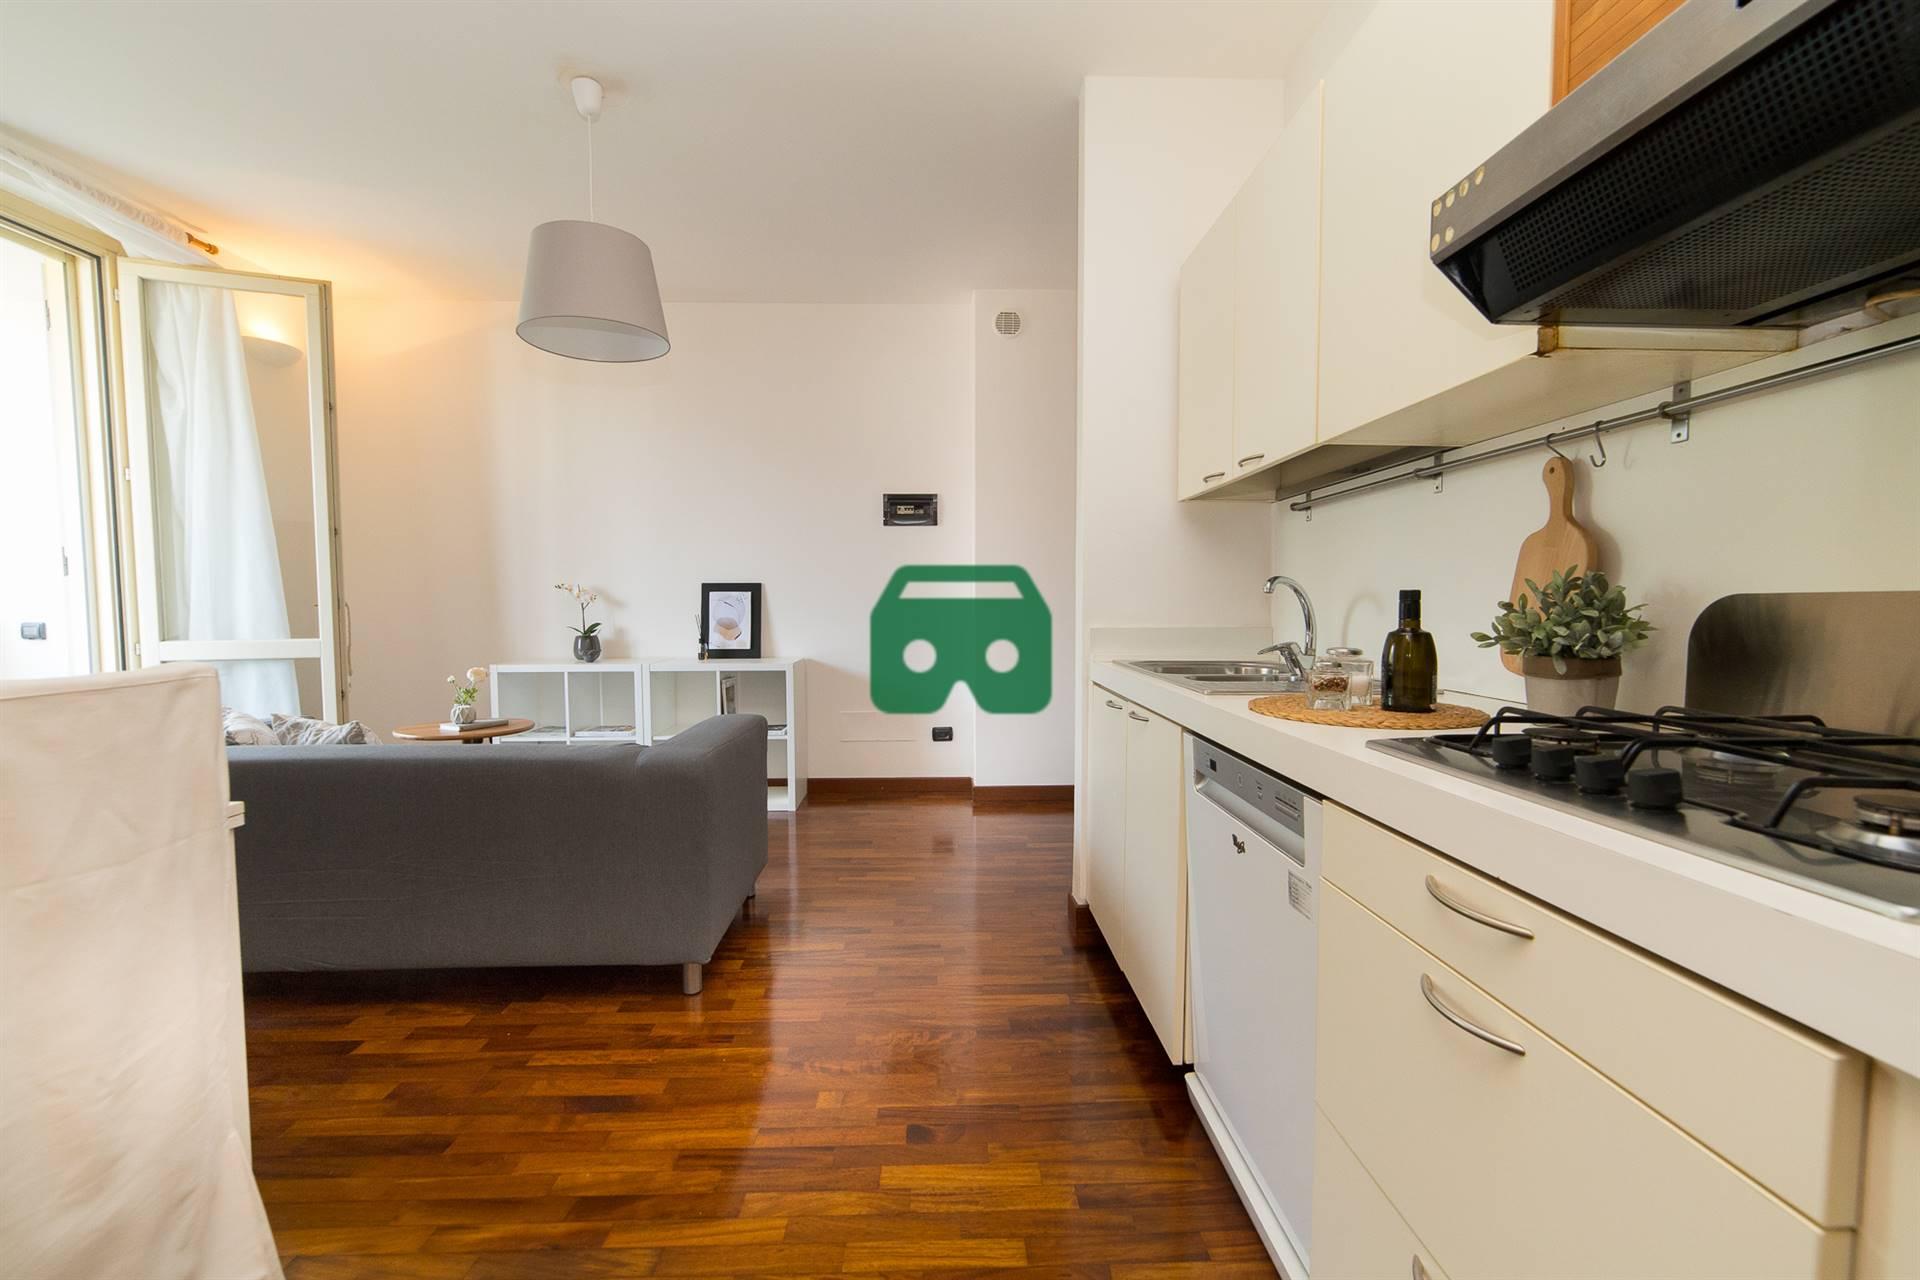 Appartamento in vendita a Pozzuolo Martesana, 2 locali, zona uolo, prezzo € 119.000   PortaleAgenzieImmobiliari.it